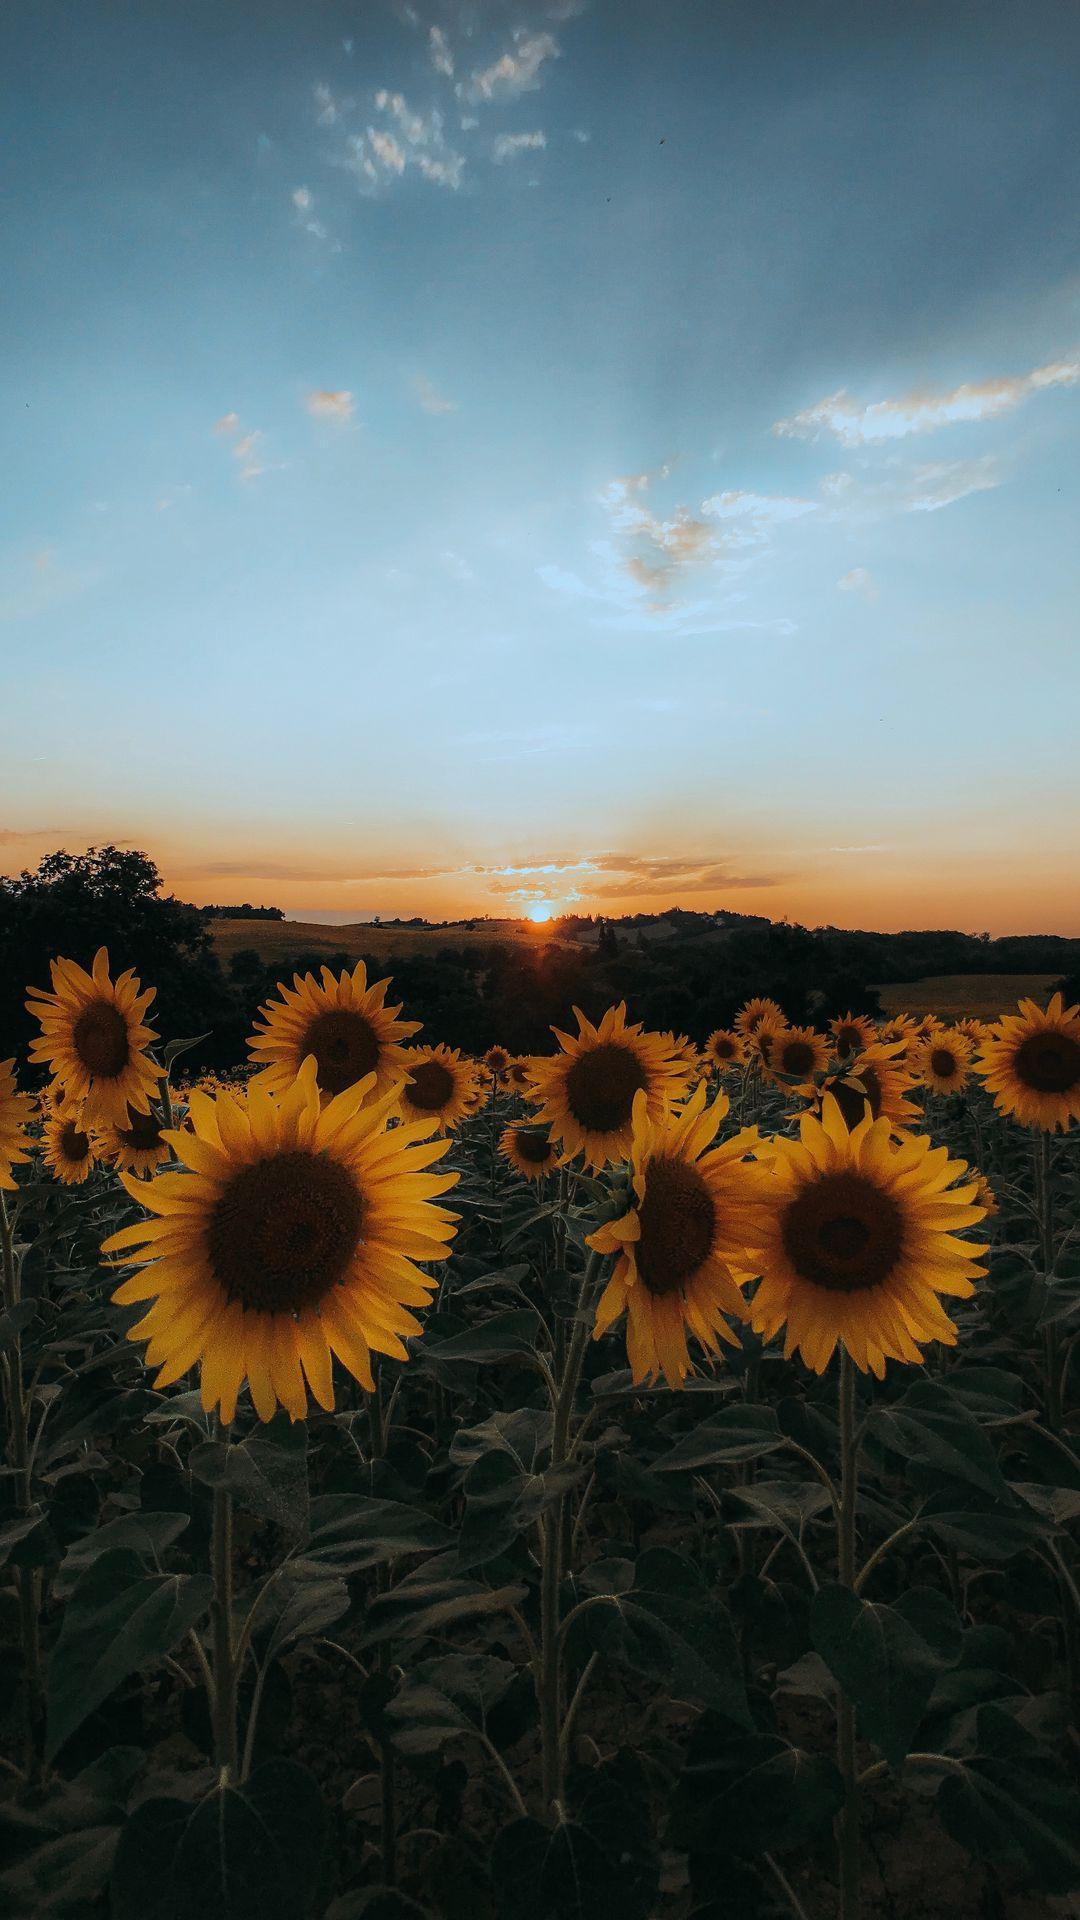 Sunflower Field Sunset hd Wallpaper